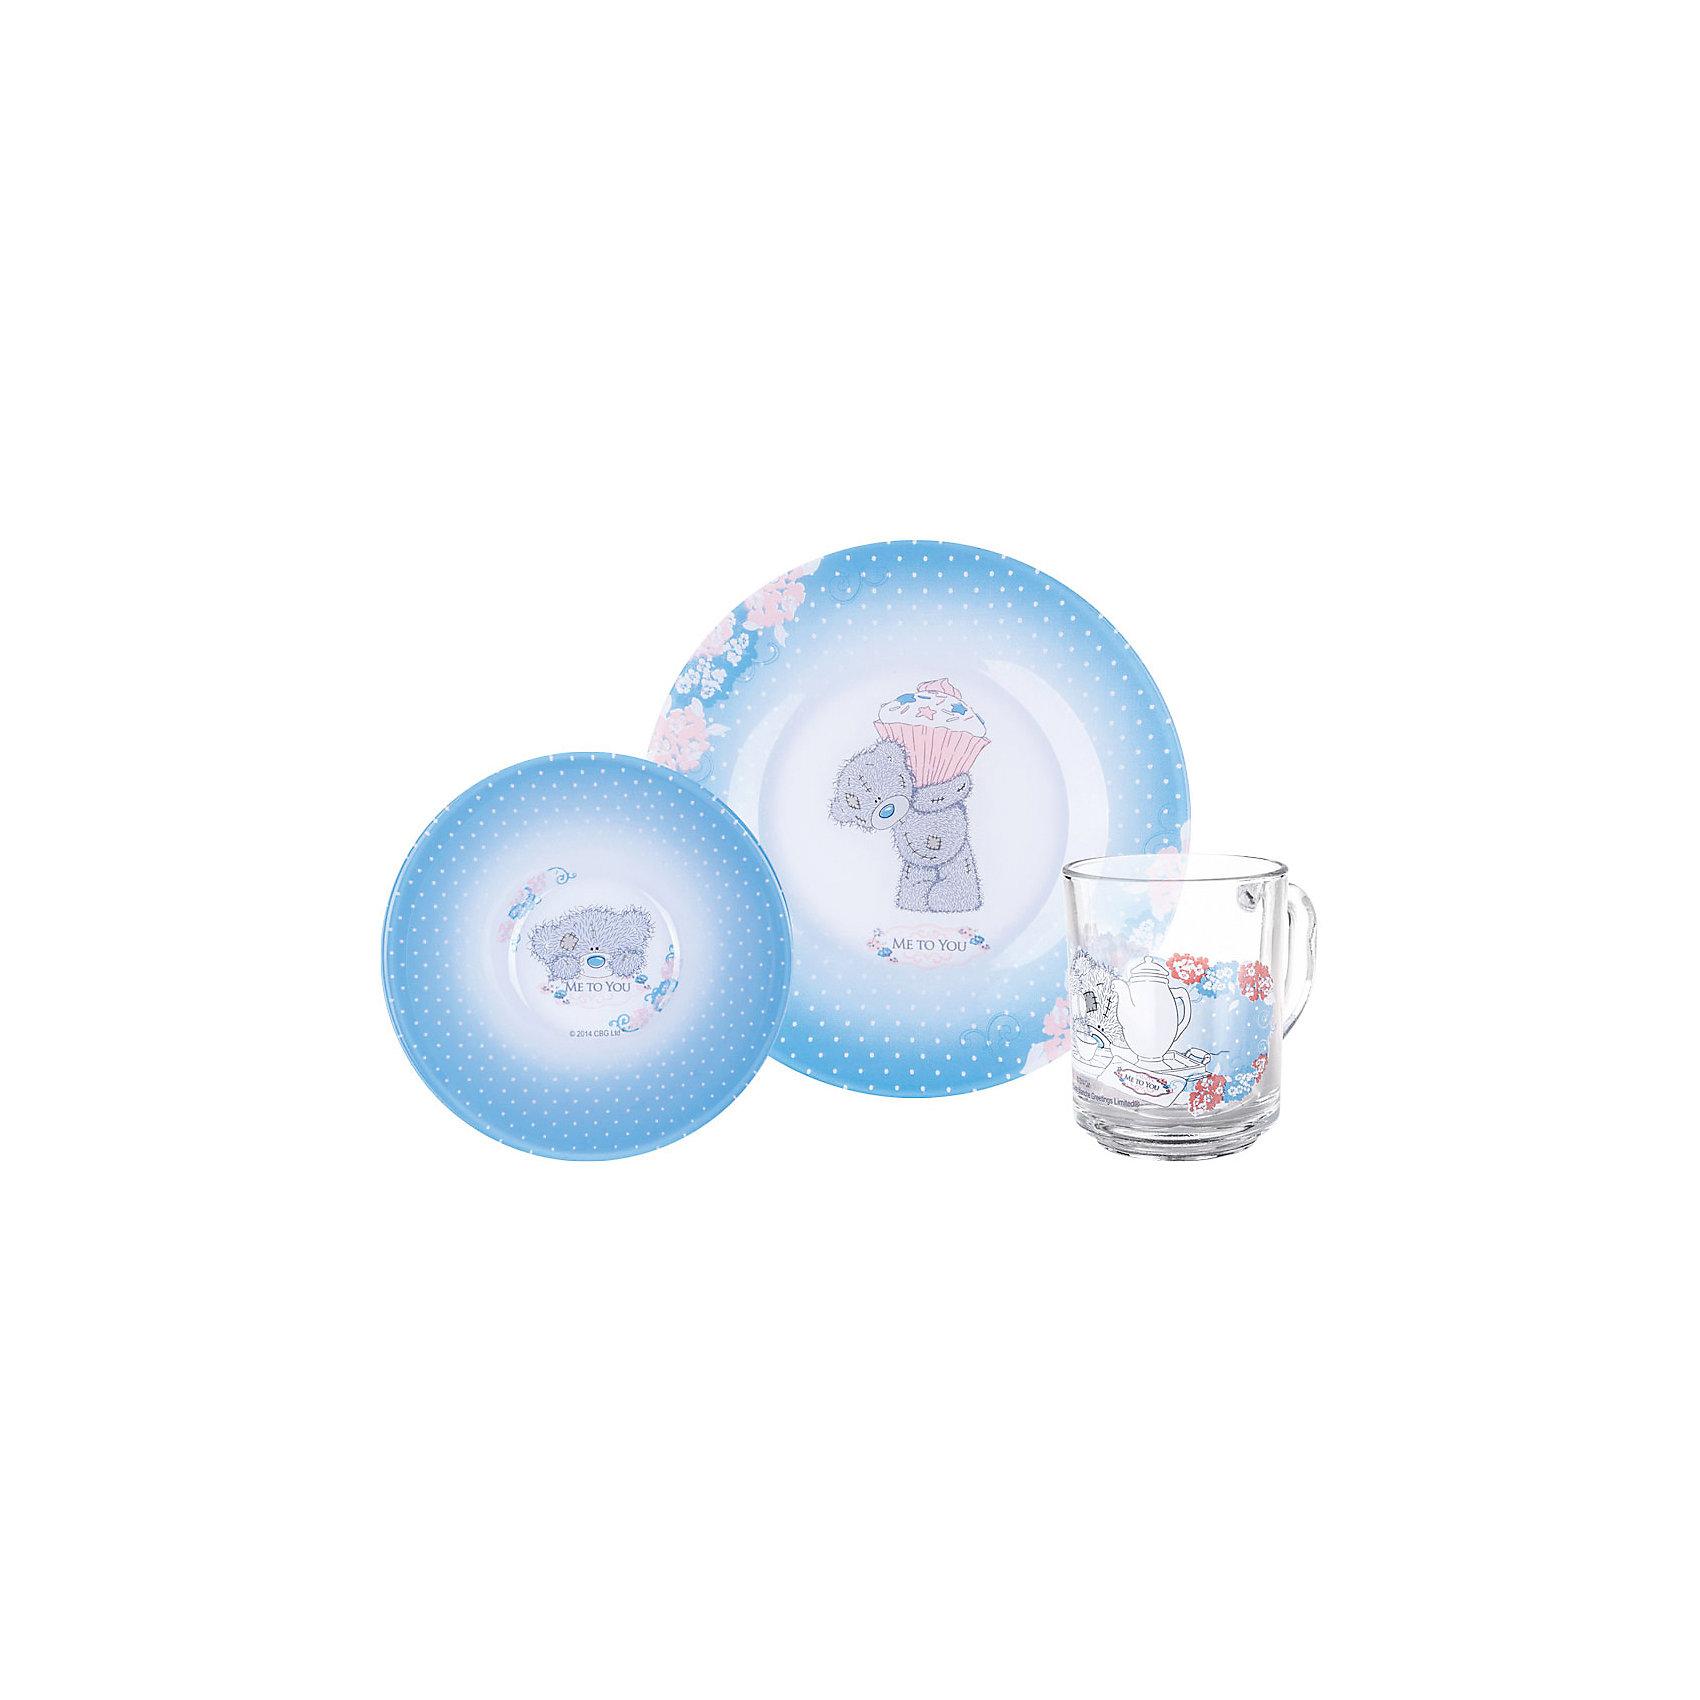 МФК-профит Набор посуды Пирожное (3 предмета, стекло), Me to You футболка для беременных printio мишка me to you